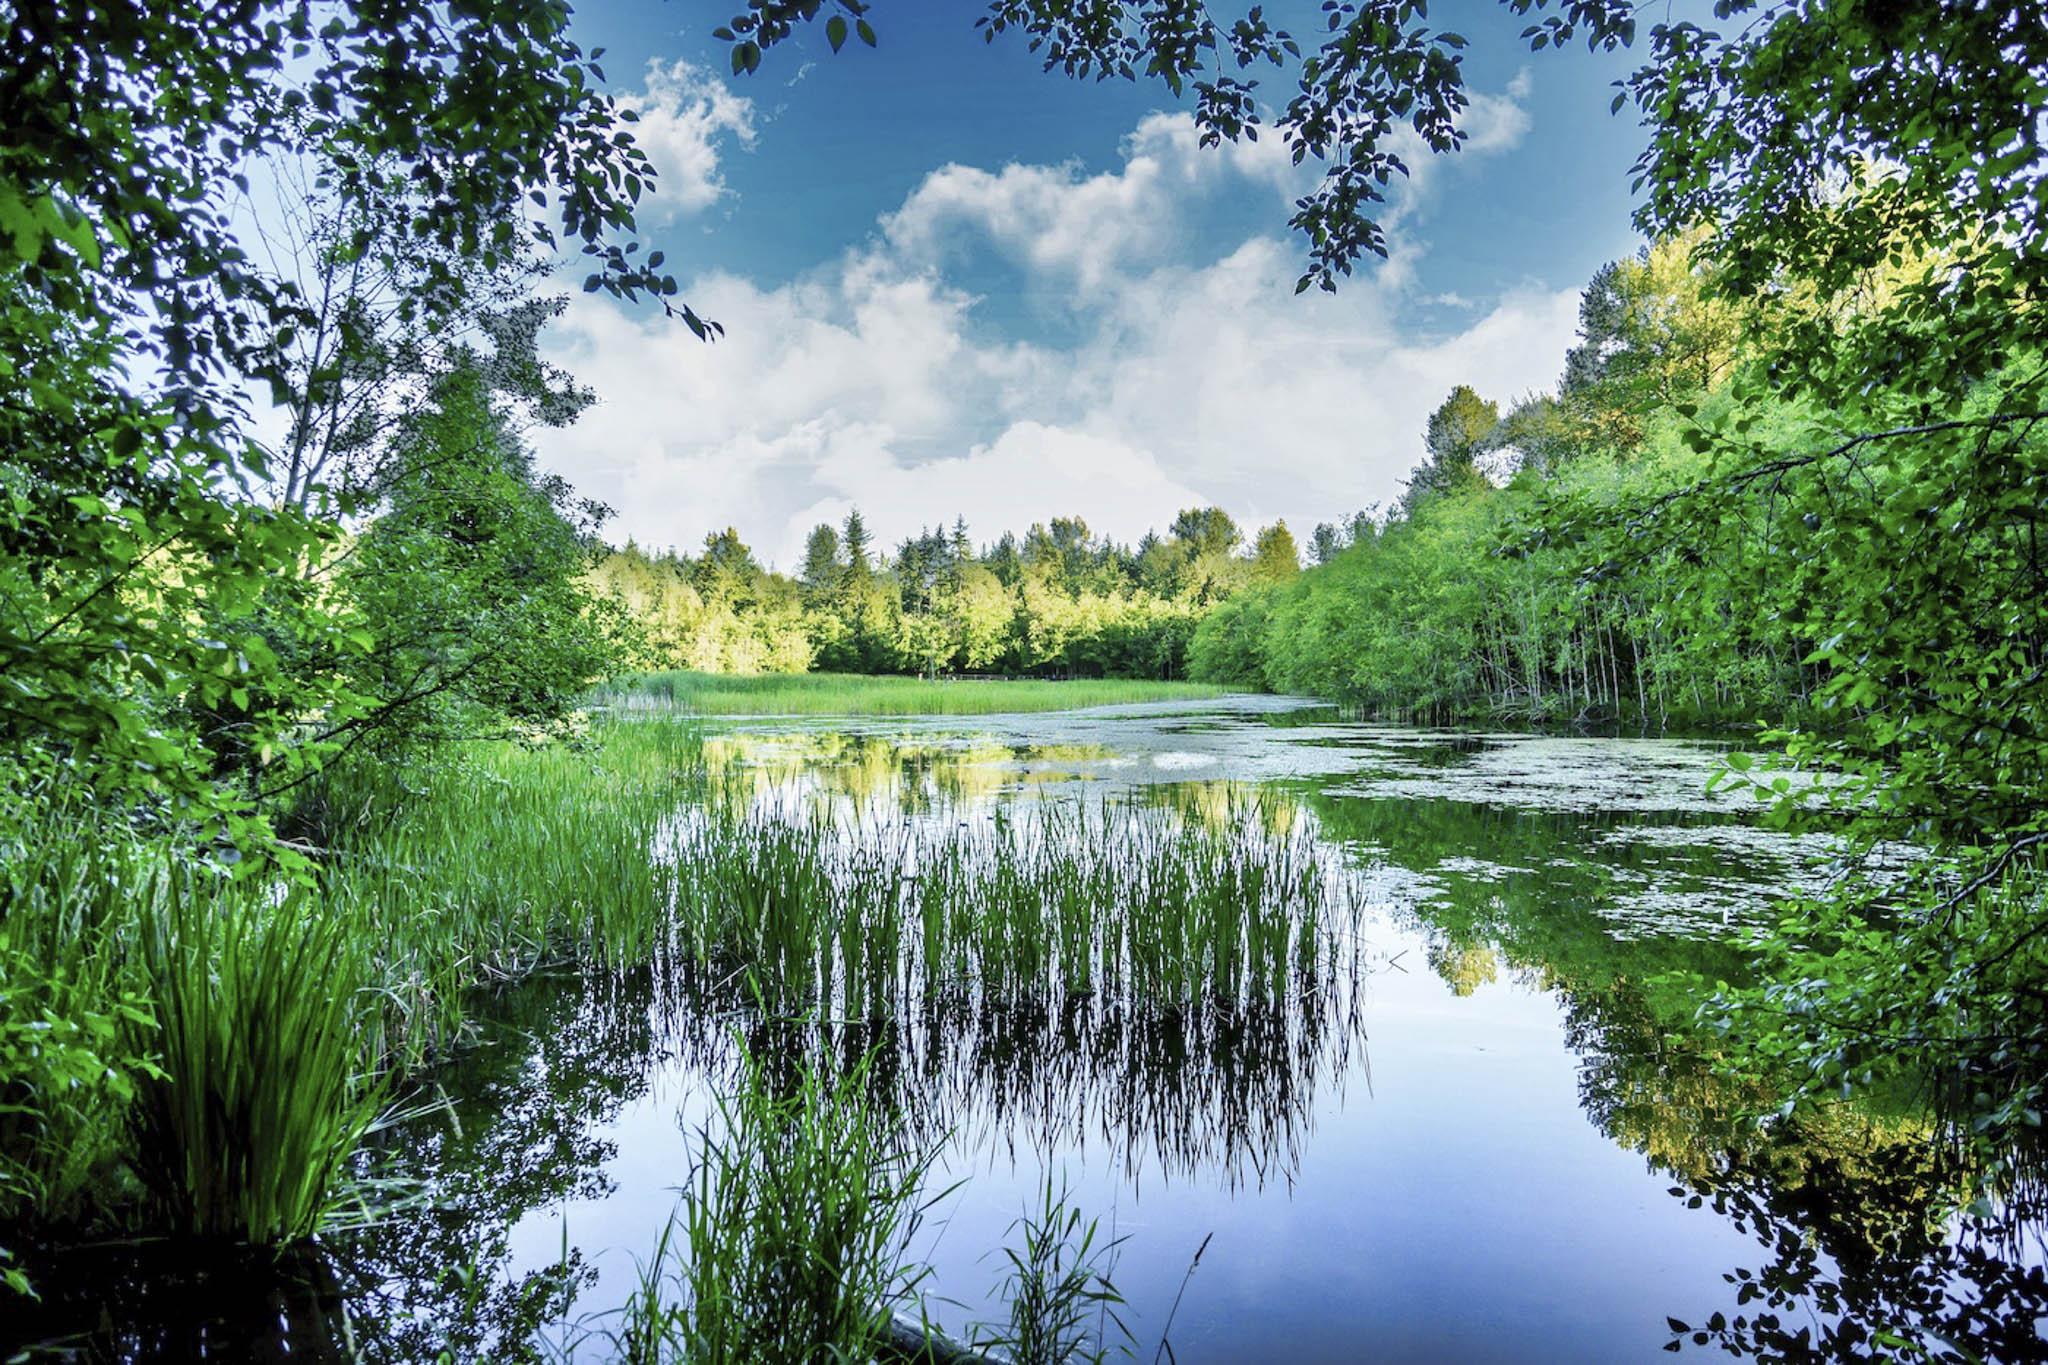 CJJ-Green Timbers Pond